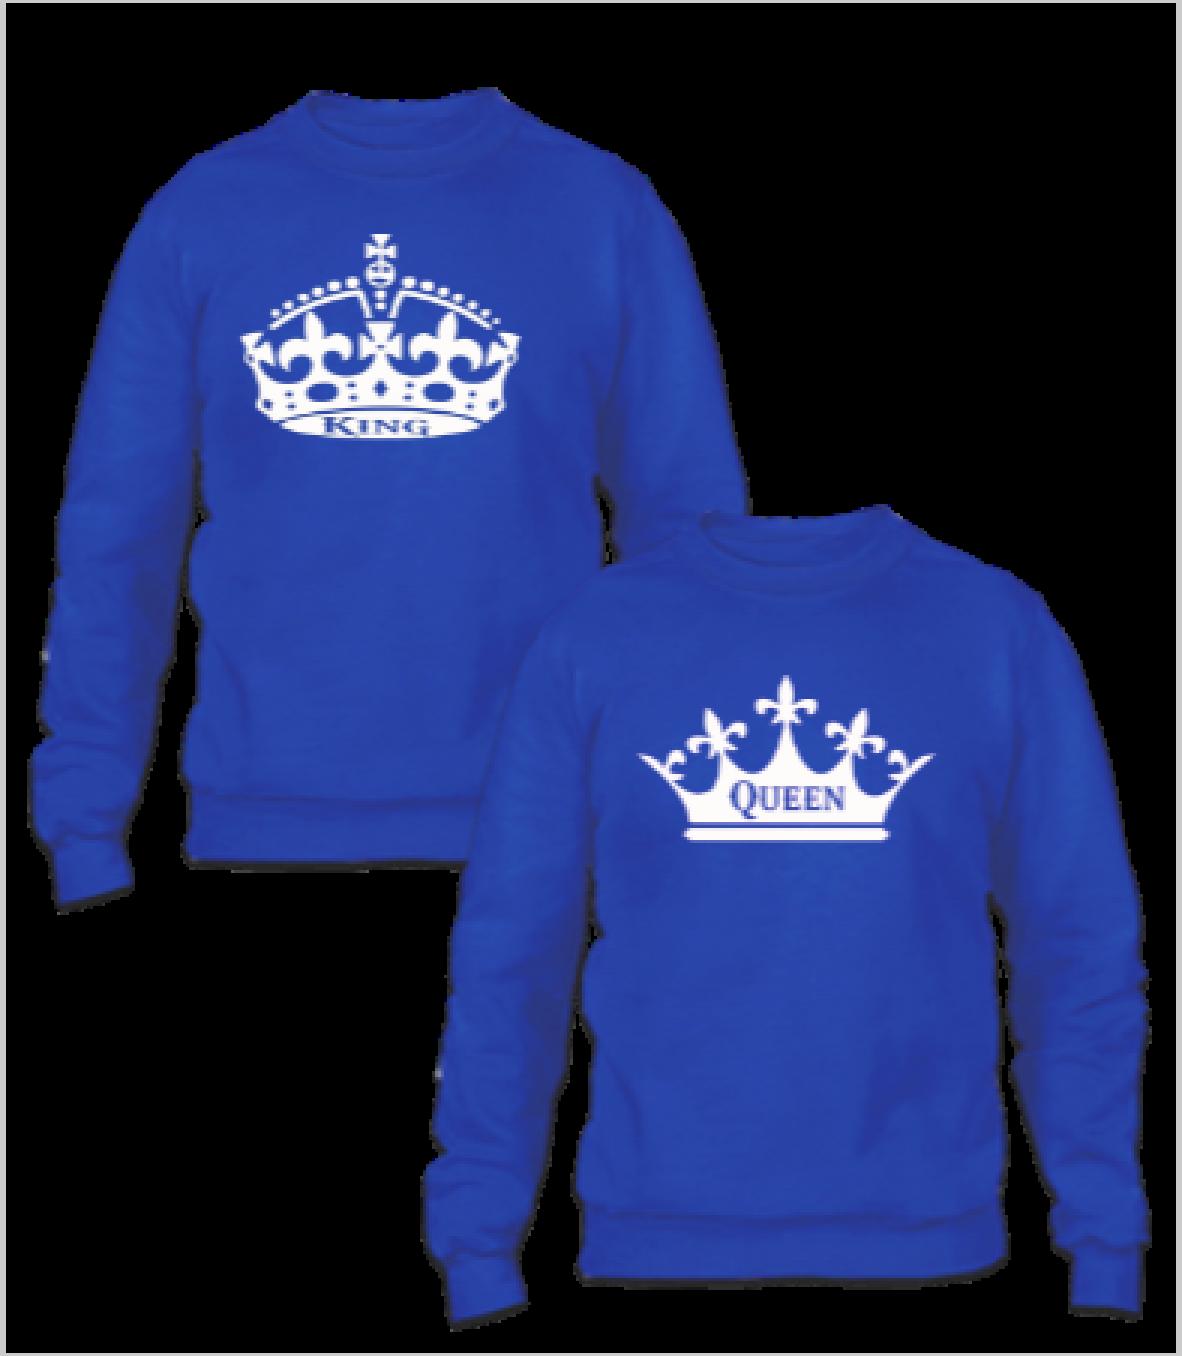 KING AND QUEEN COUPLE - Couple Sweatshirt